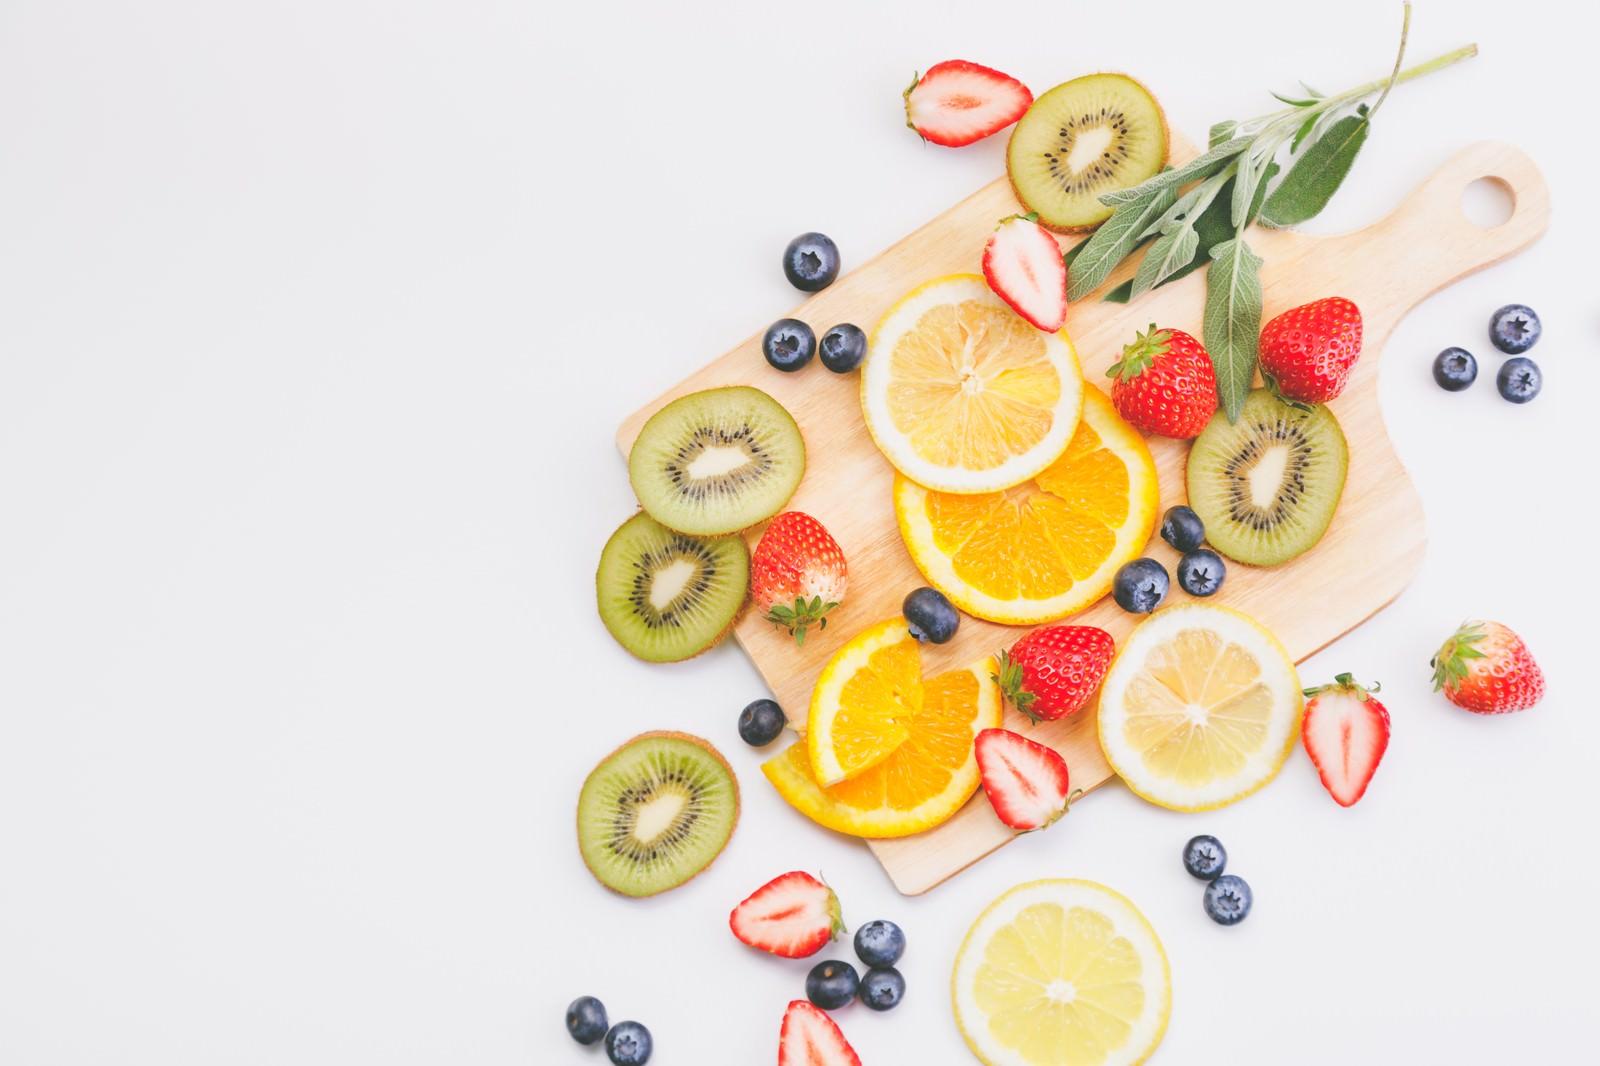 「ビタミンたっぷりフルーツ(マット)ビタミンたっぷりフルーツ(マット)」のフリー写真素材を拡大